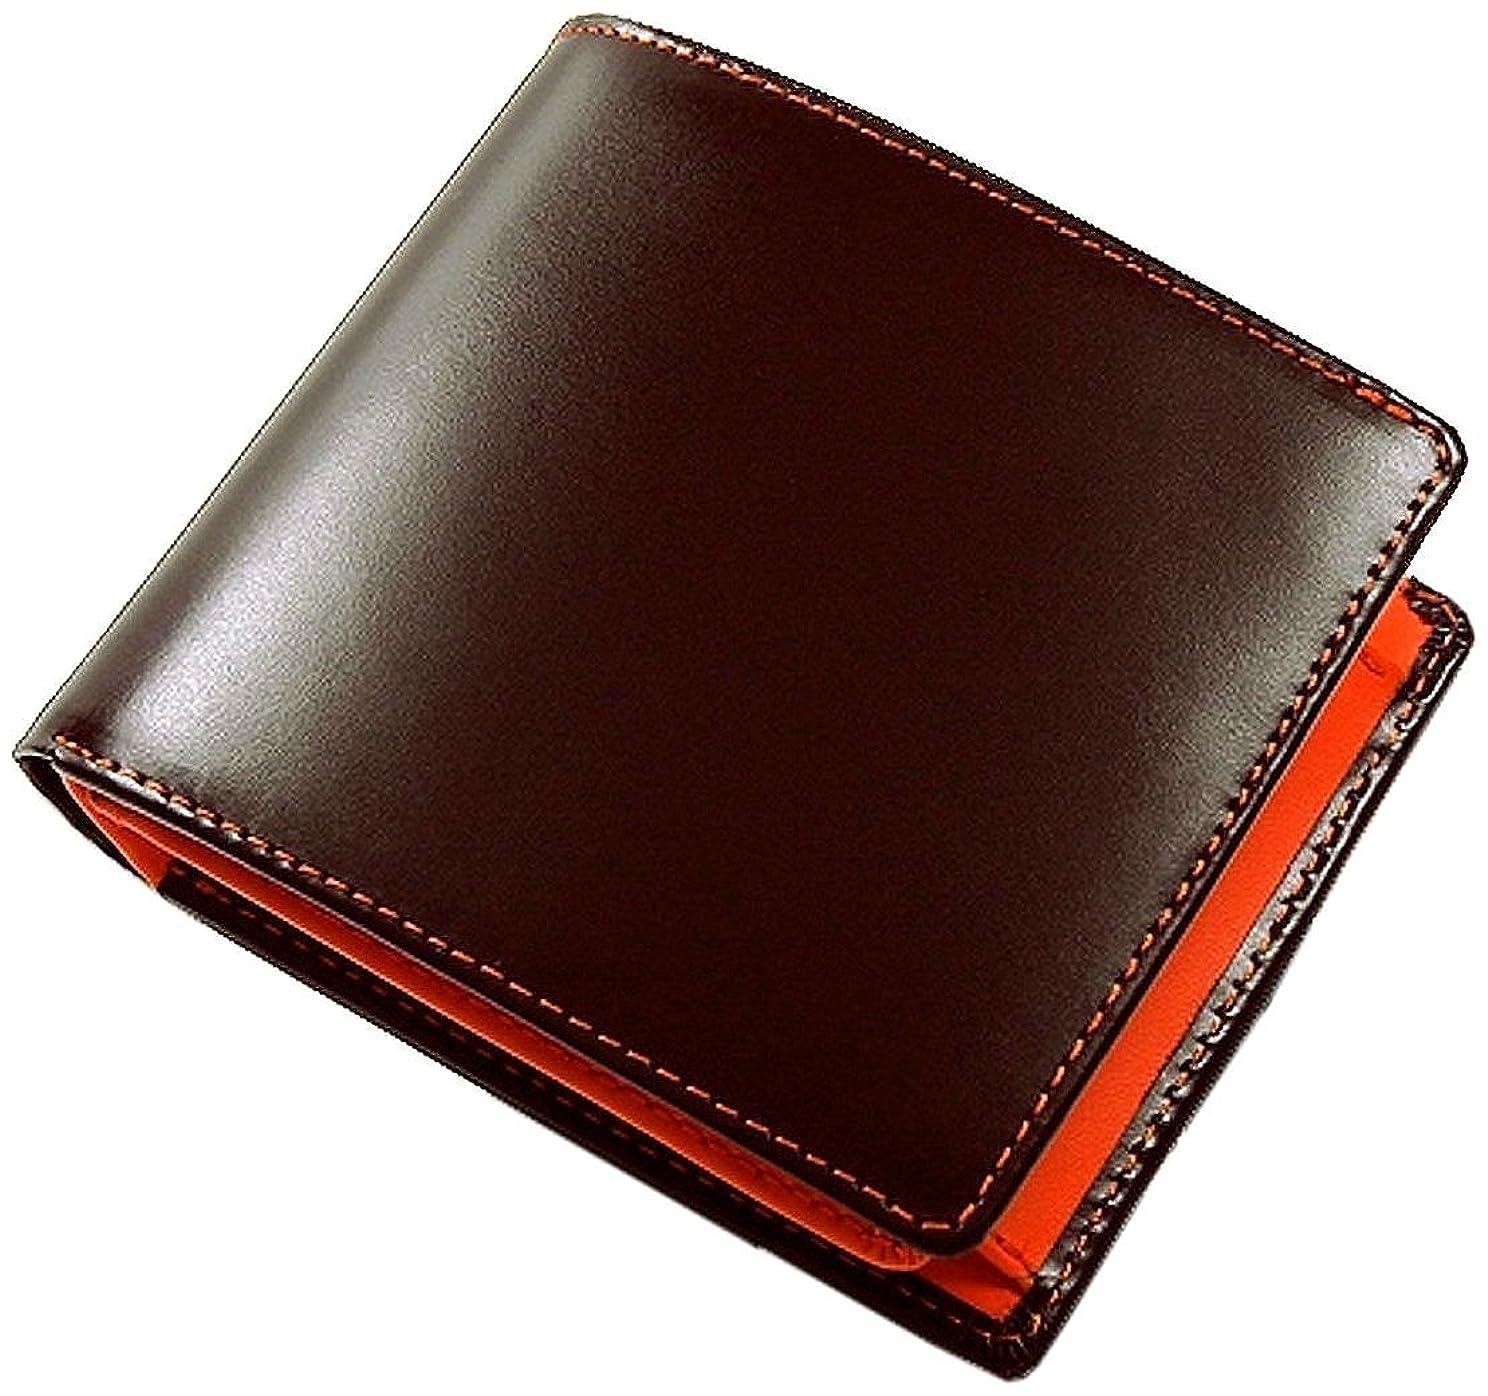 メーカーペア疑い者高級コードバン×牛革2つ折り財布 [ Maturi 091 ] メンズ財布 (ブラウン×オレンジ)